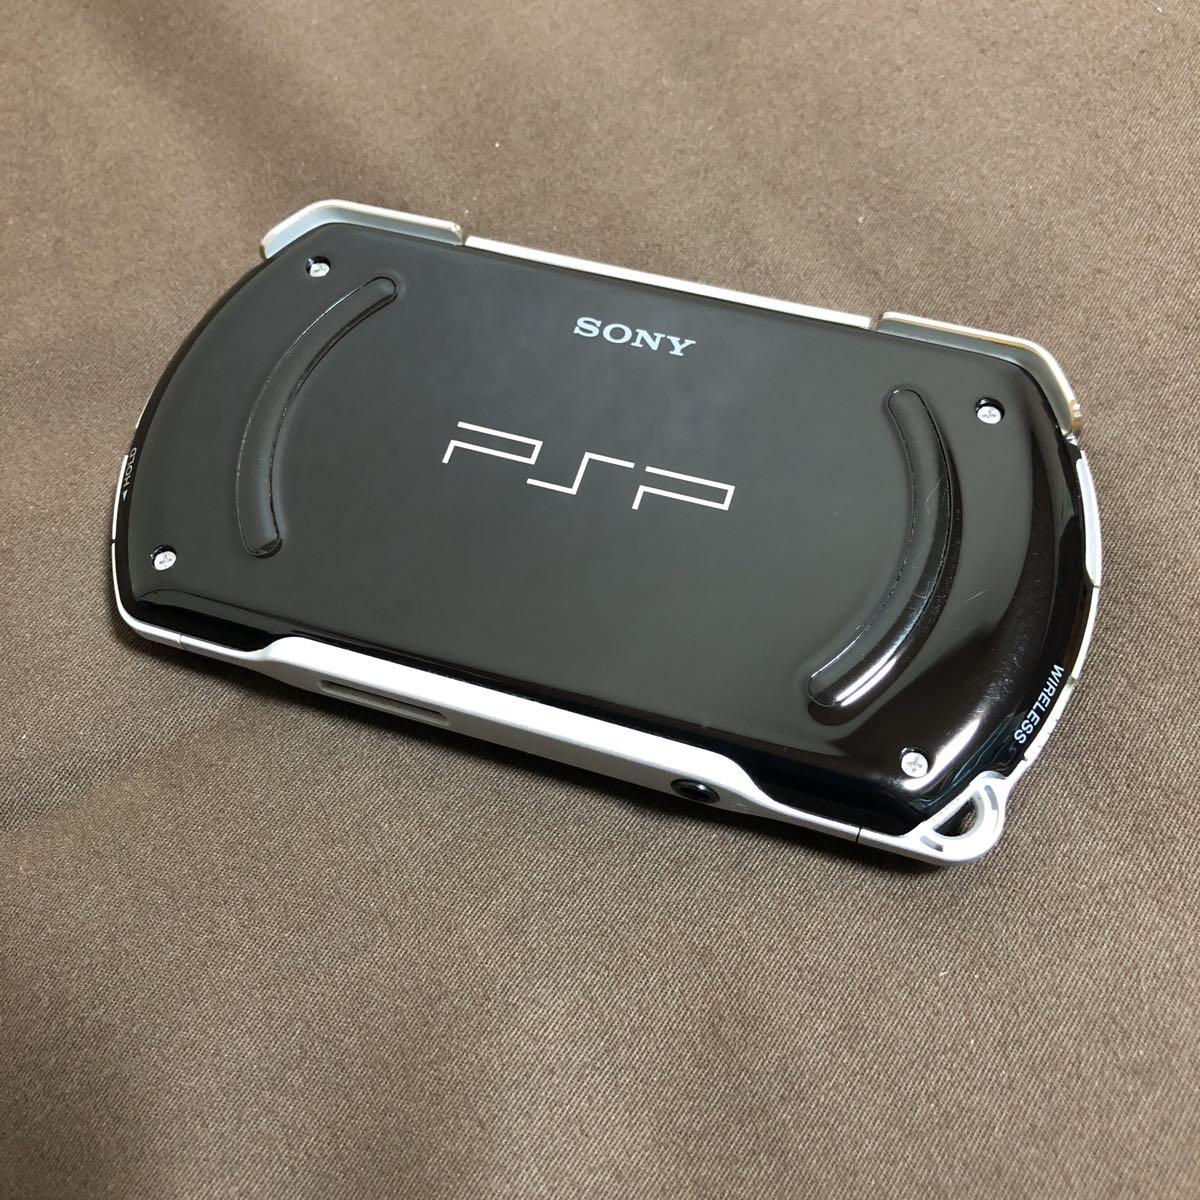 SONY ソニー PSP-N1000 PSP go 本体 ジャンク_画像3